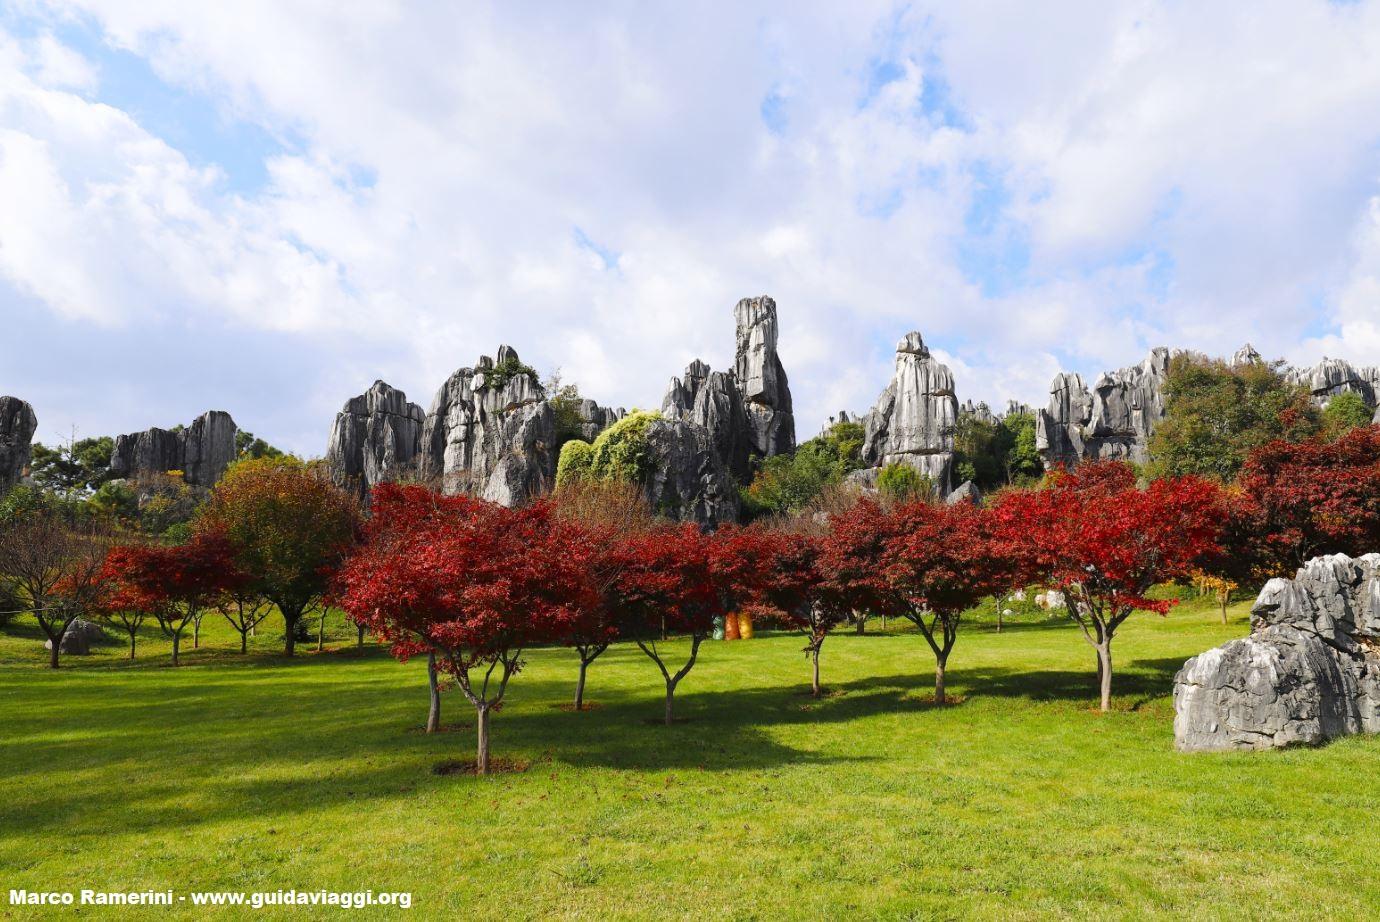 Foresta di Pietra, Shilin, Yunnan, Cina. Autore e Copyright Marco Ramerini